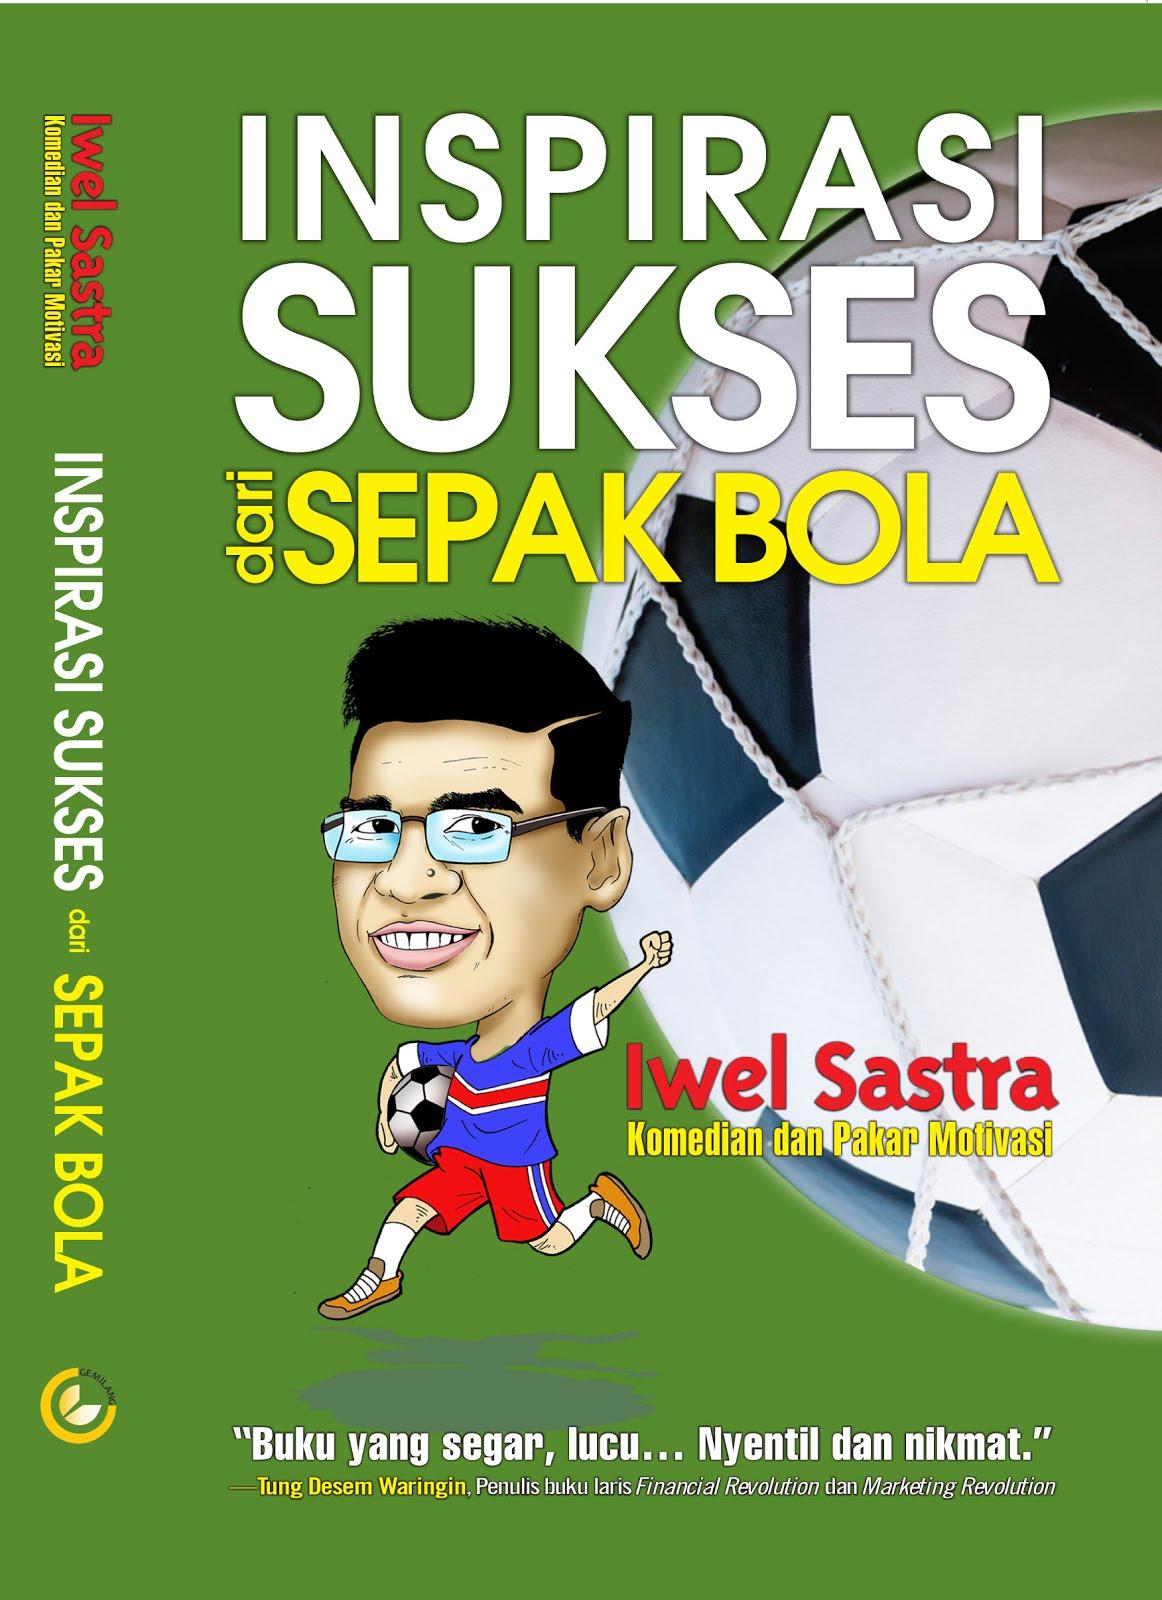 Inspirasi Sukses Dari Sepakbola